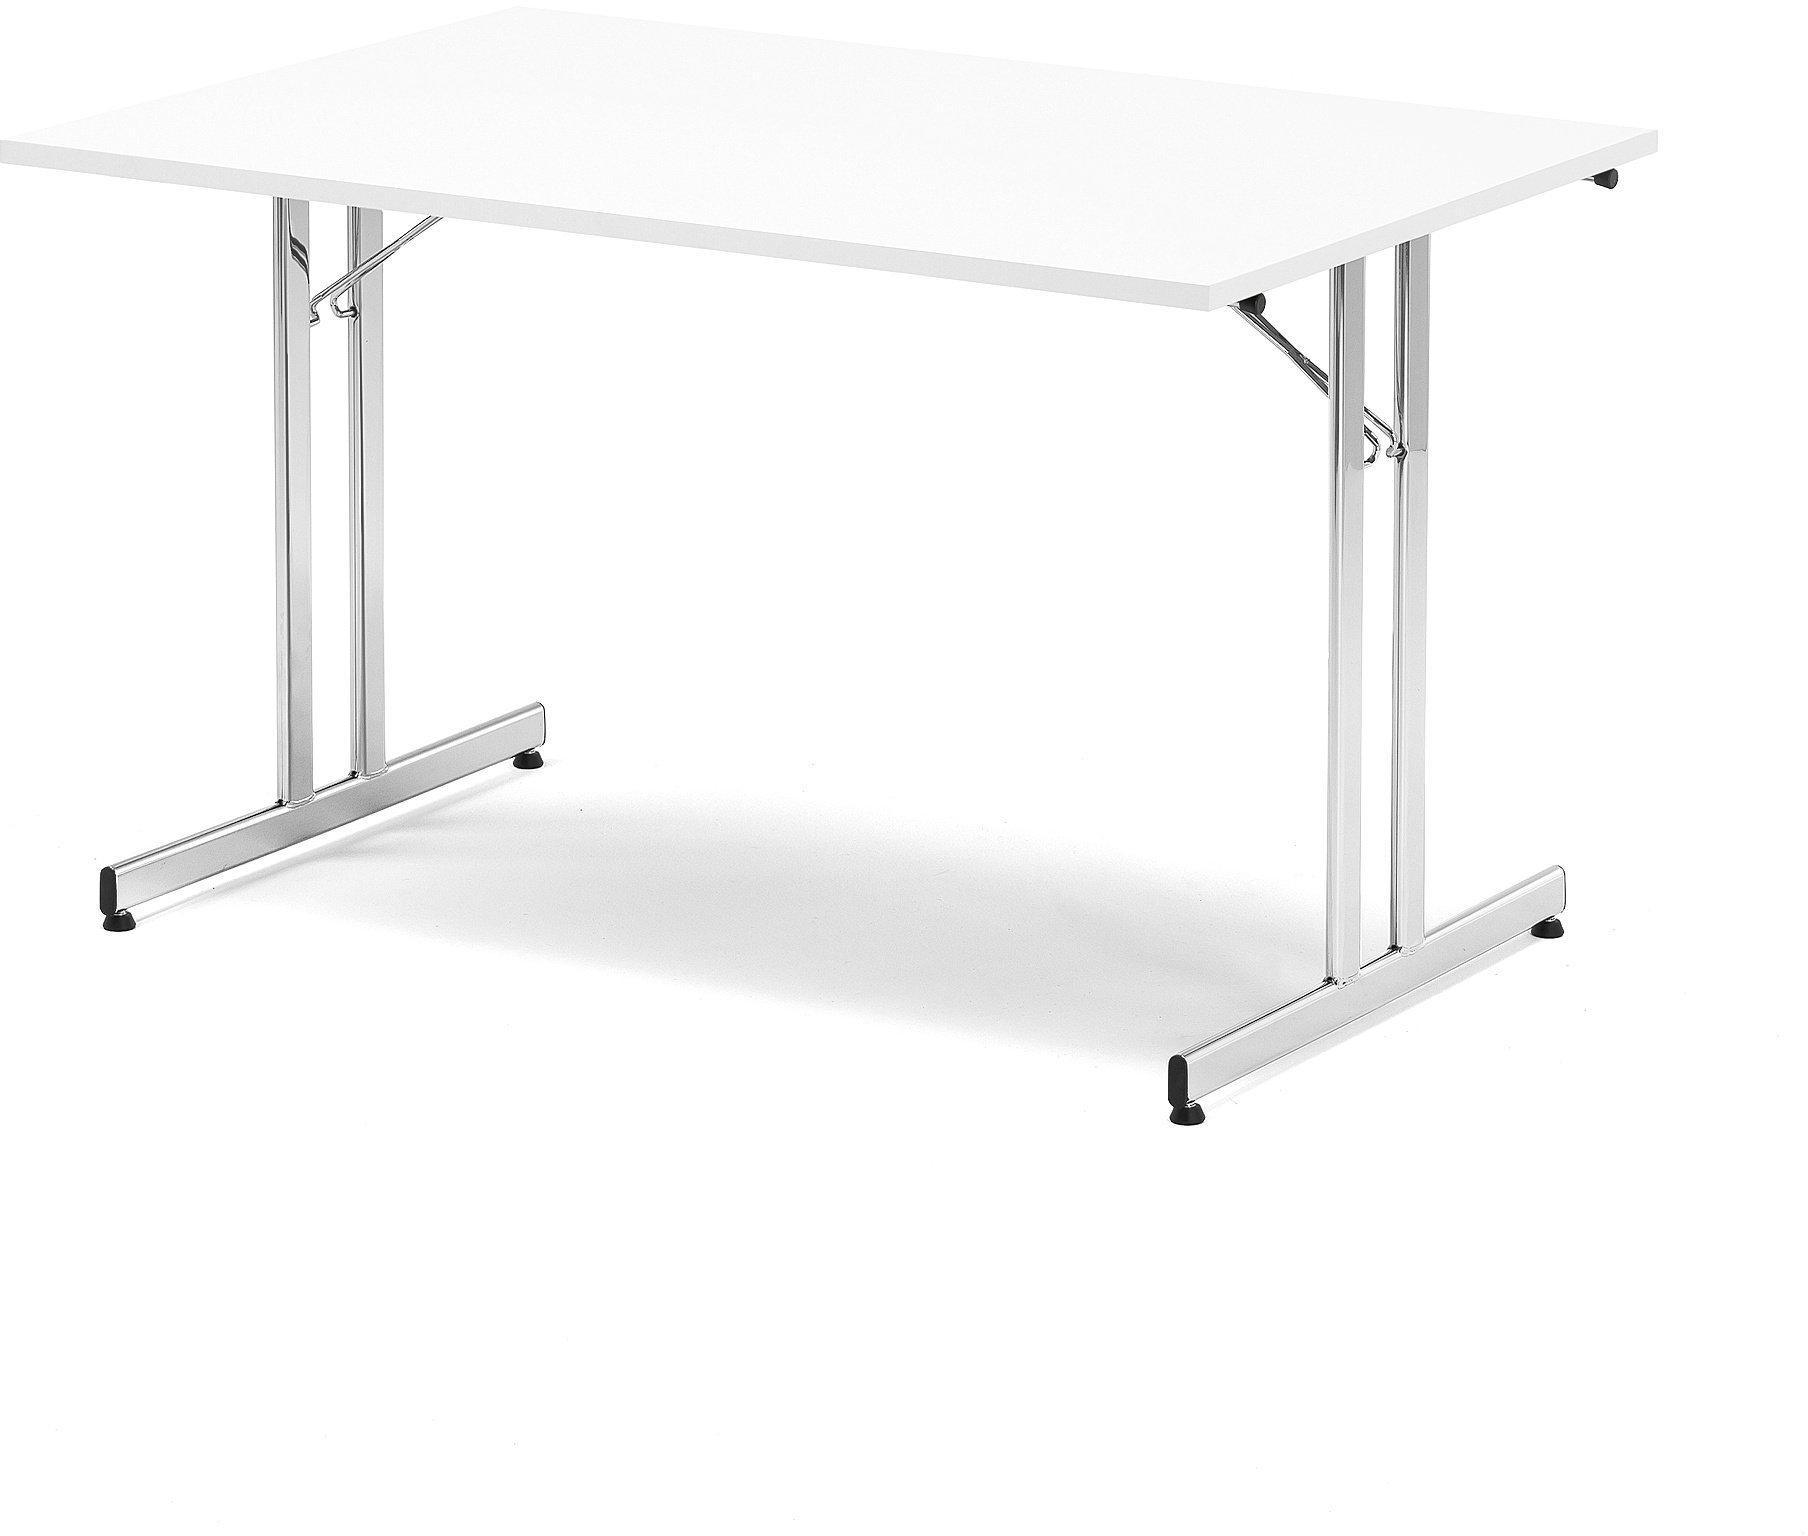 Skladací rokovací stôl Emily, 1800x800 mm, biela/chróm